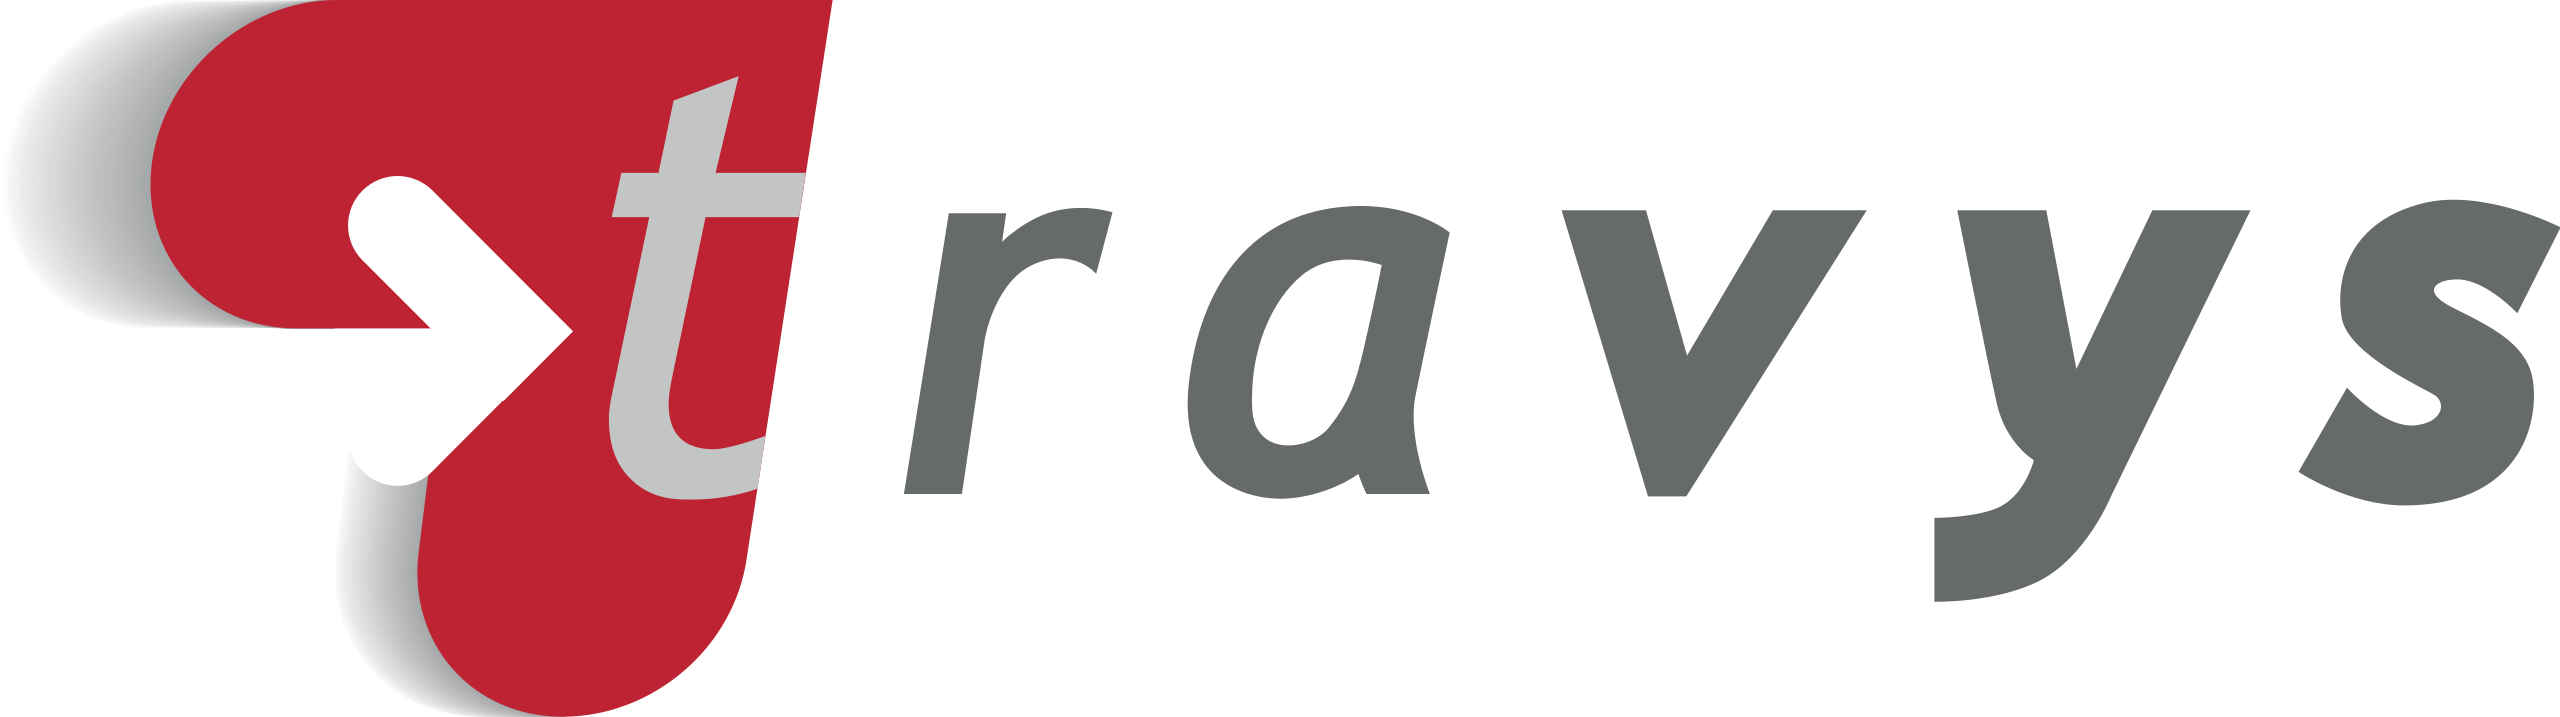 Travys_logo.png